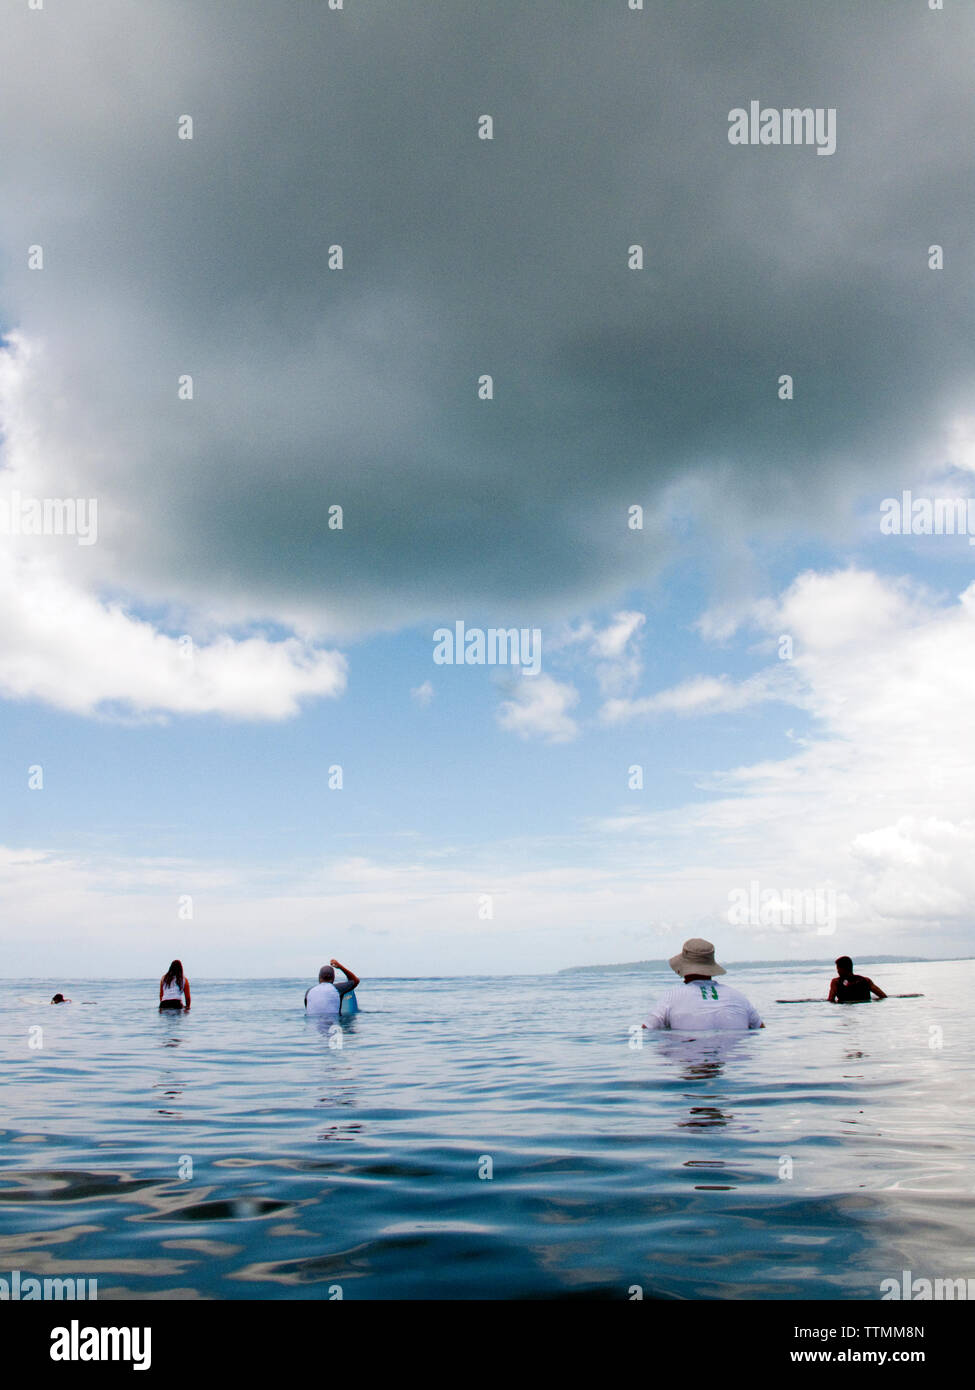 INDONESIA, Mentawai Islands, waiting for waves, Beng Beng - Stock Image